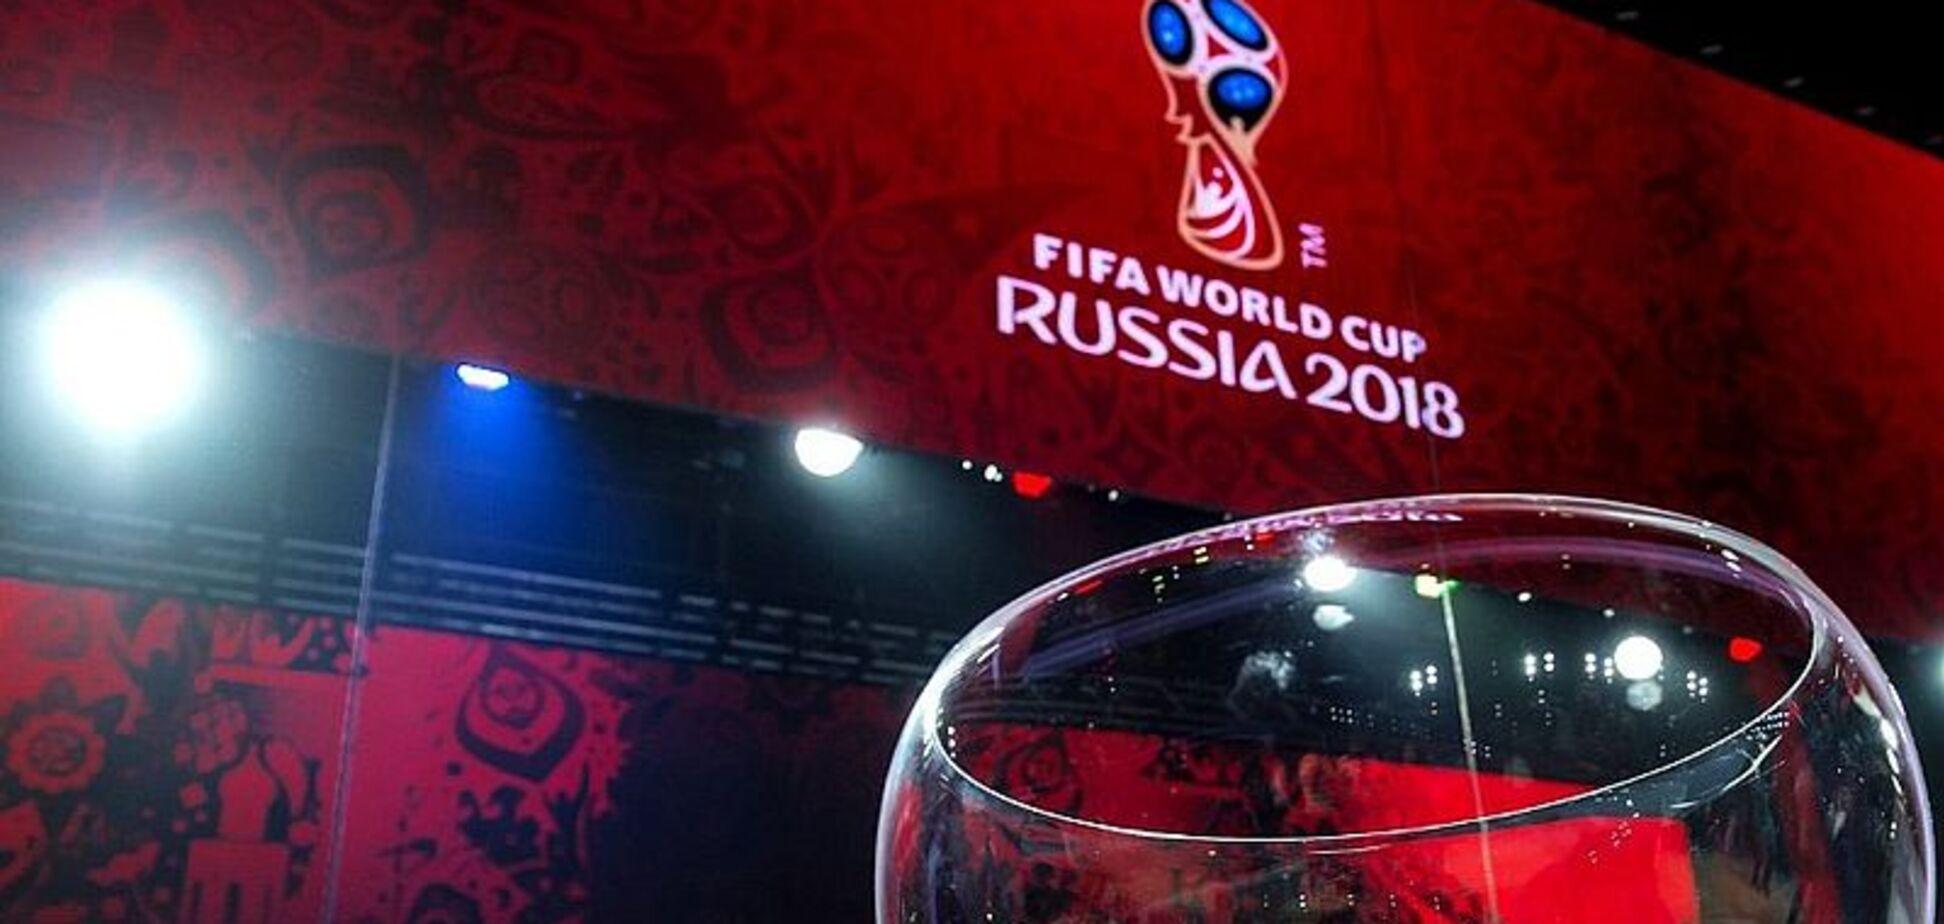 'Були домовленості': стало відомо, чому канал 'Футбол' відмовився показувати матчі ЧС-2018